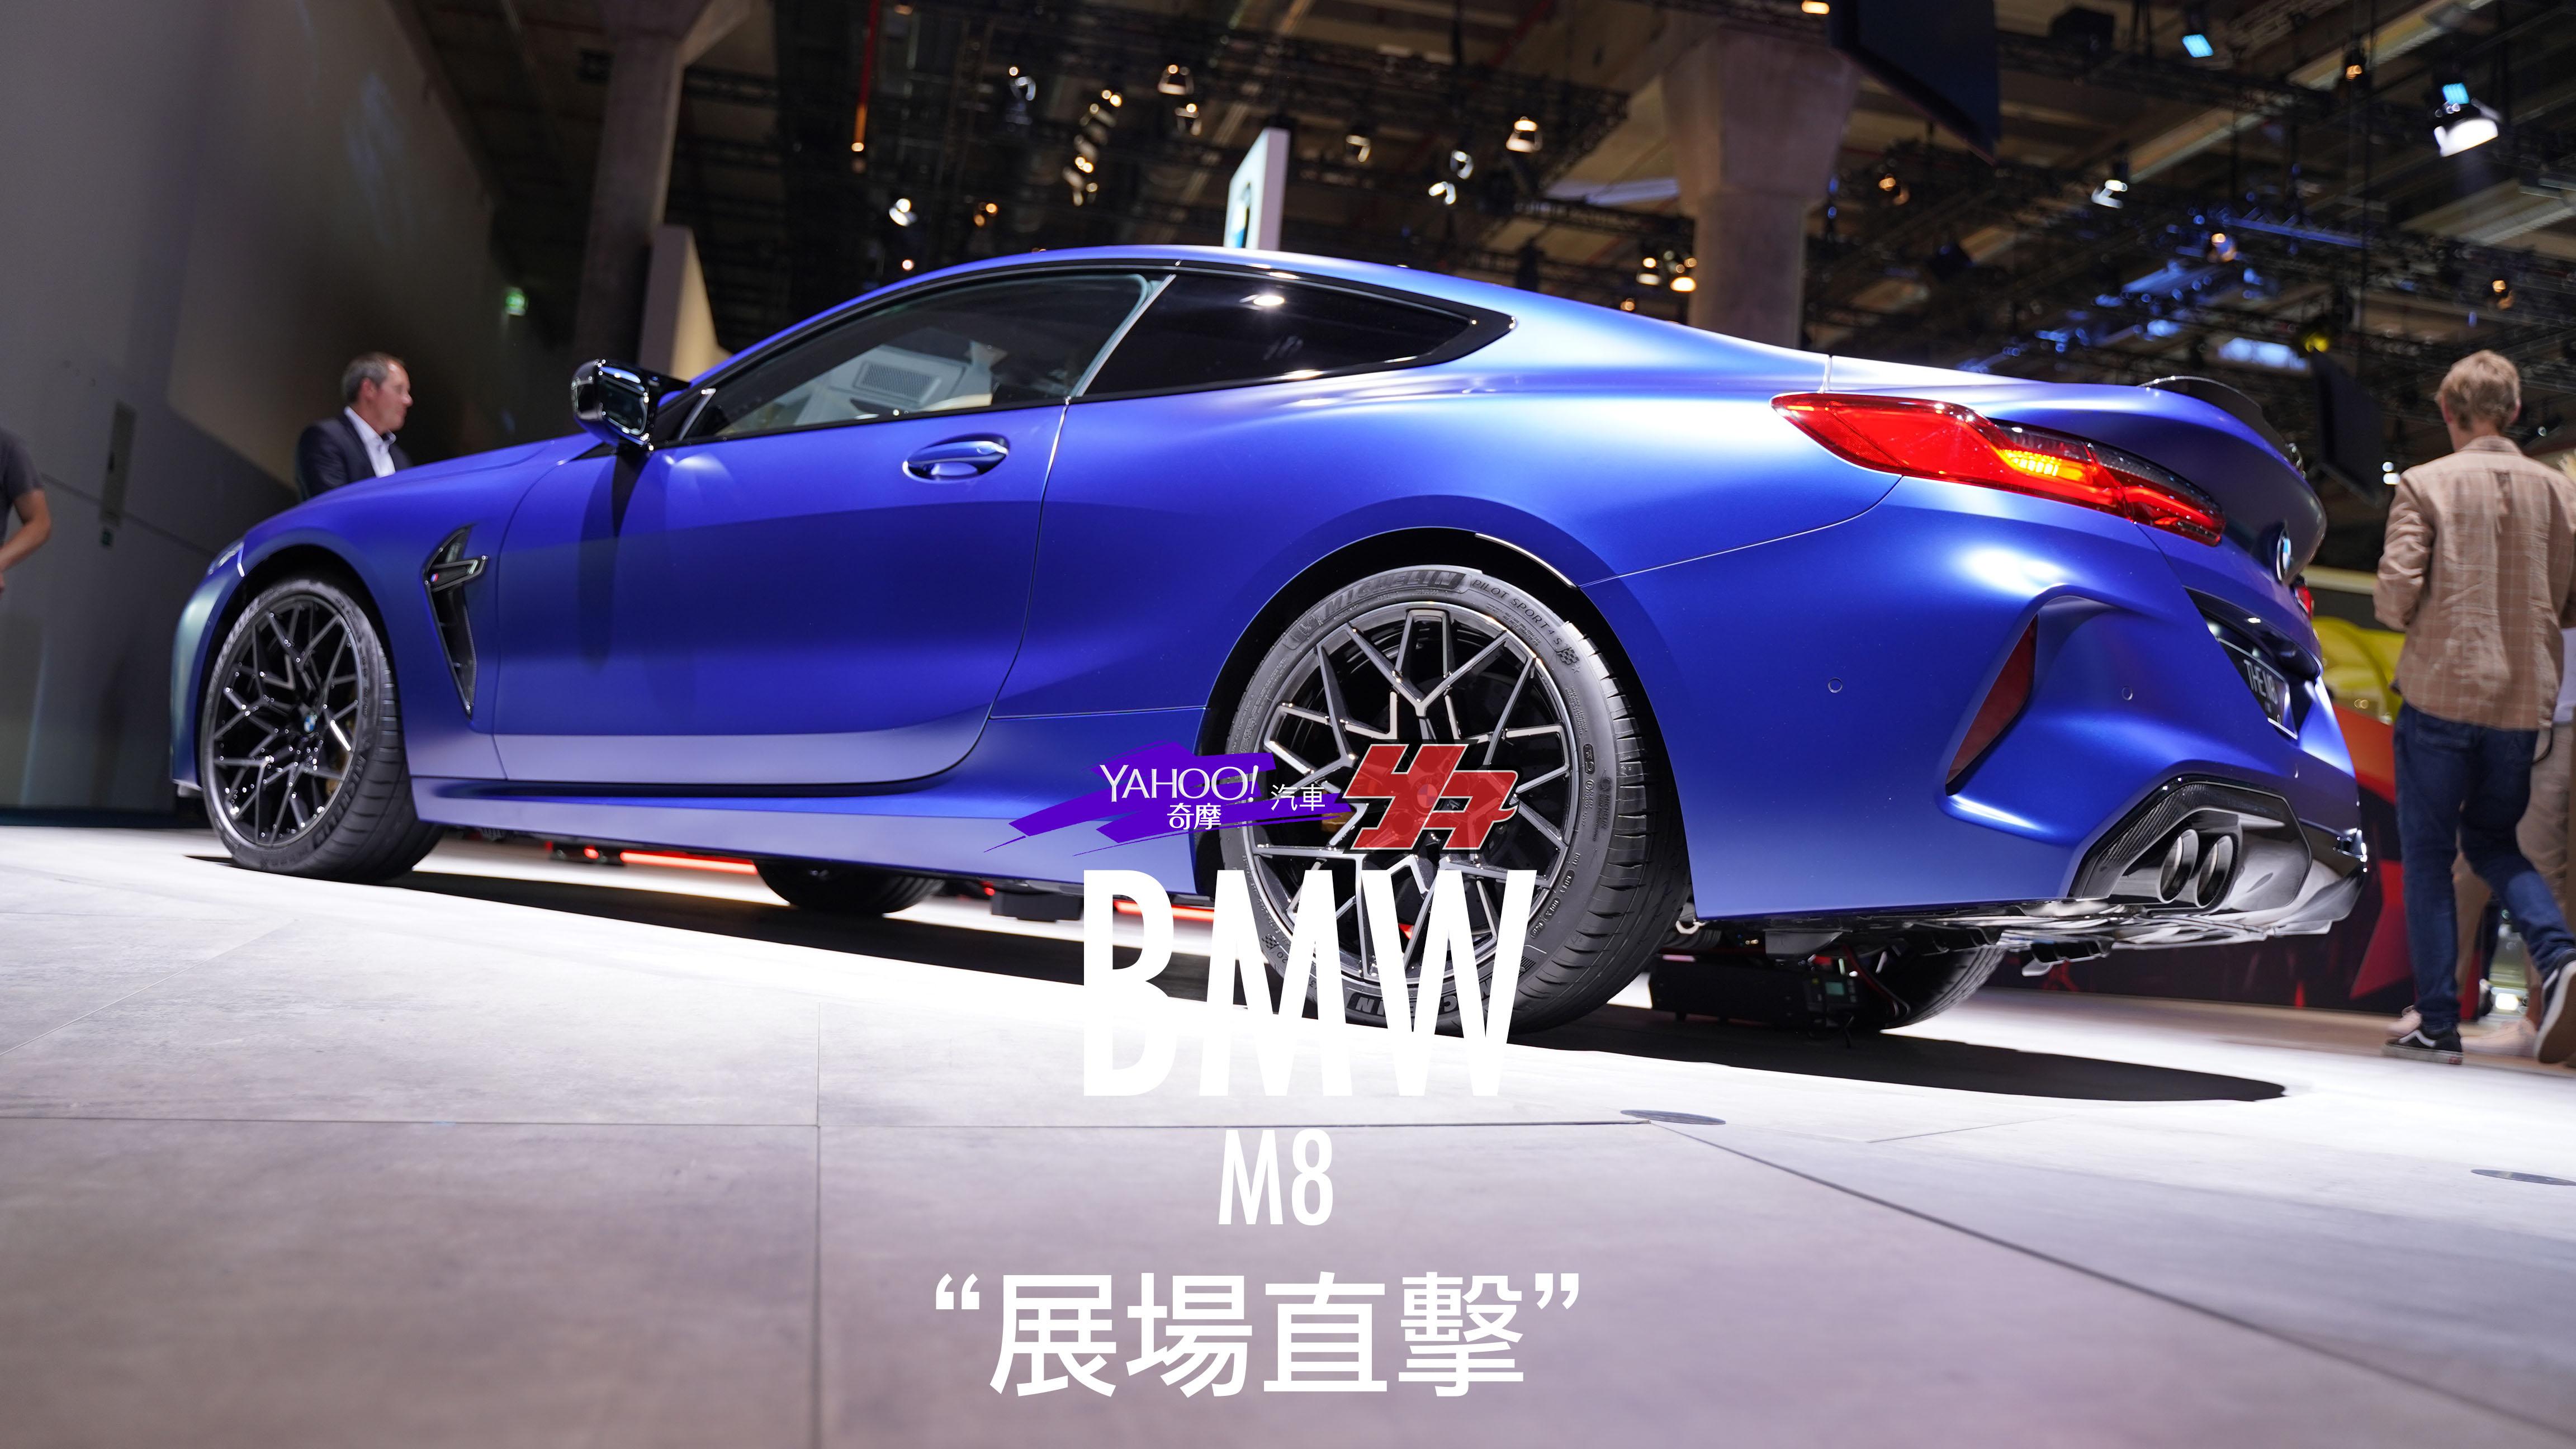 【2019法蘭克福車展直擊】性能讚頌!暴力GT座駕BMW M8 Competition 閃耀登場!